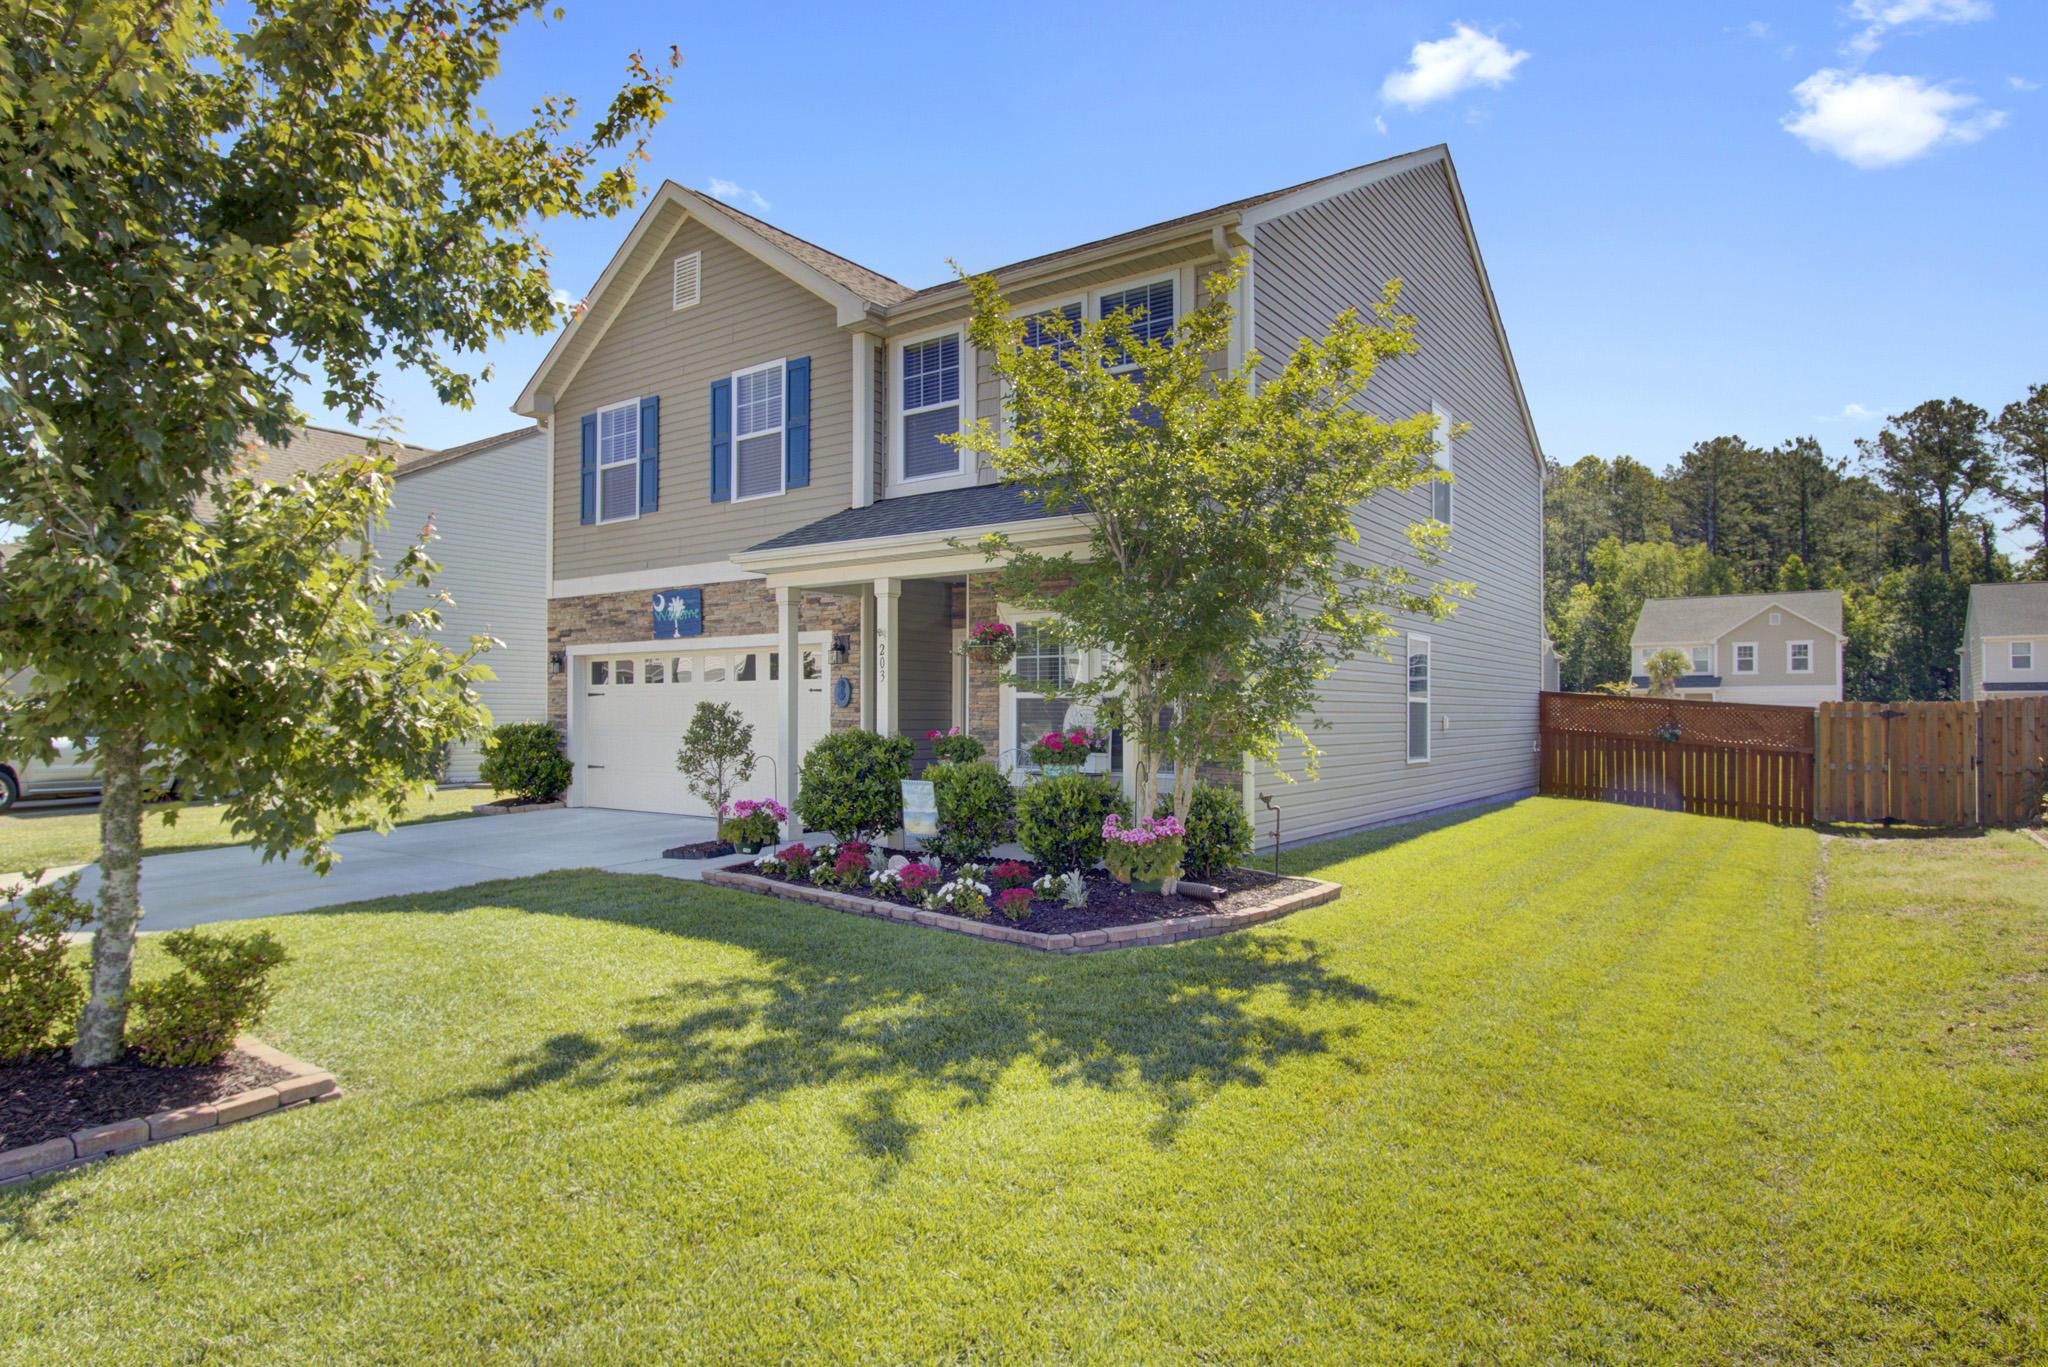 Sunnyfield Homes For Sale - 203 Medford, Summerville, SC - 32